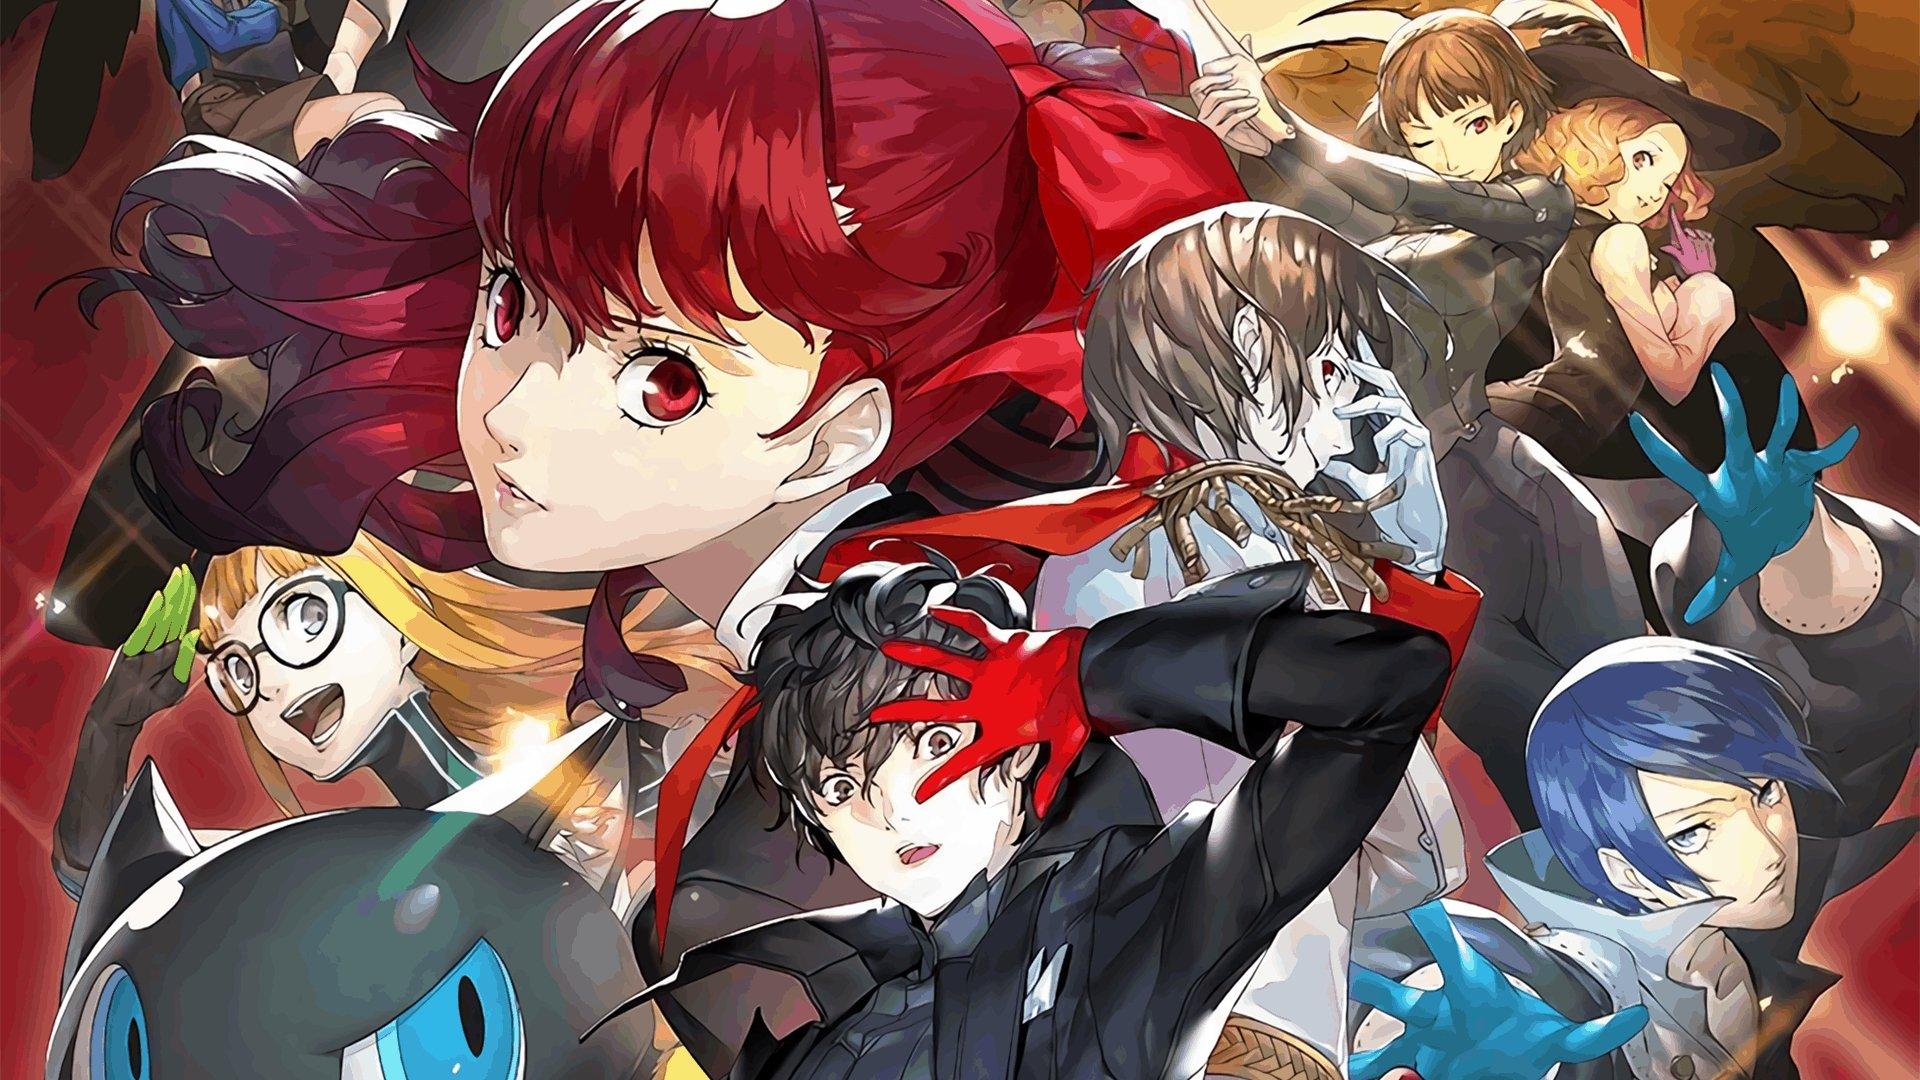 Persona 5 Royal Wallpaper Free